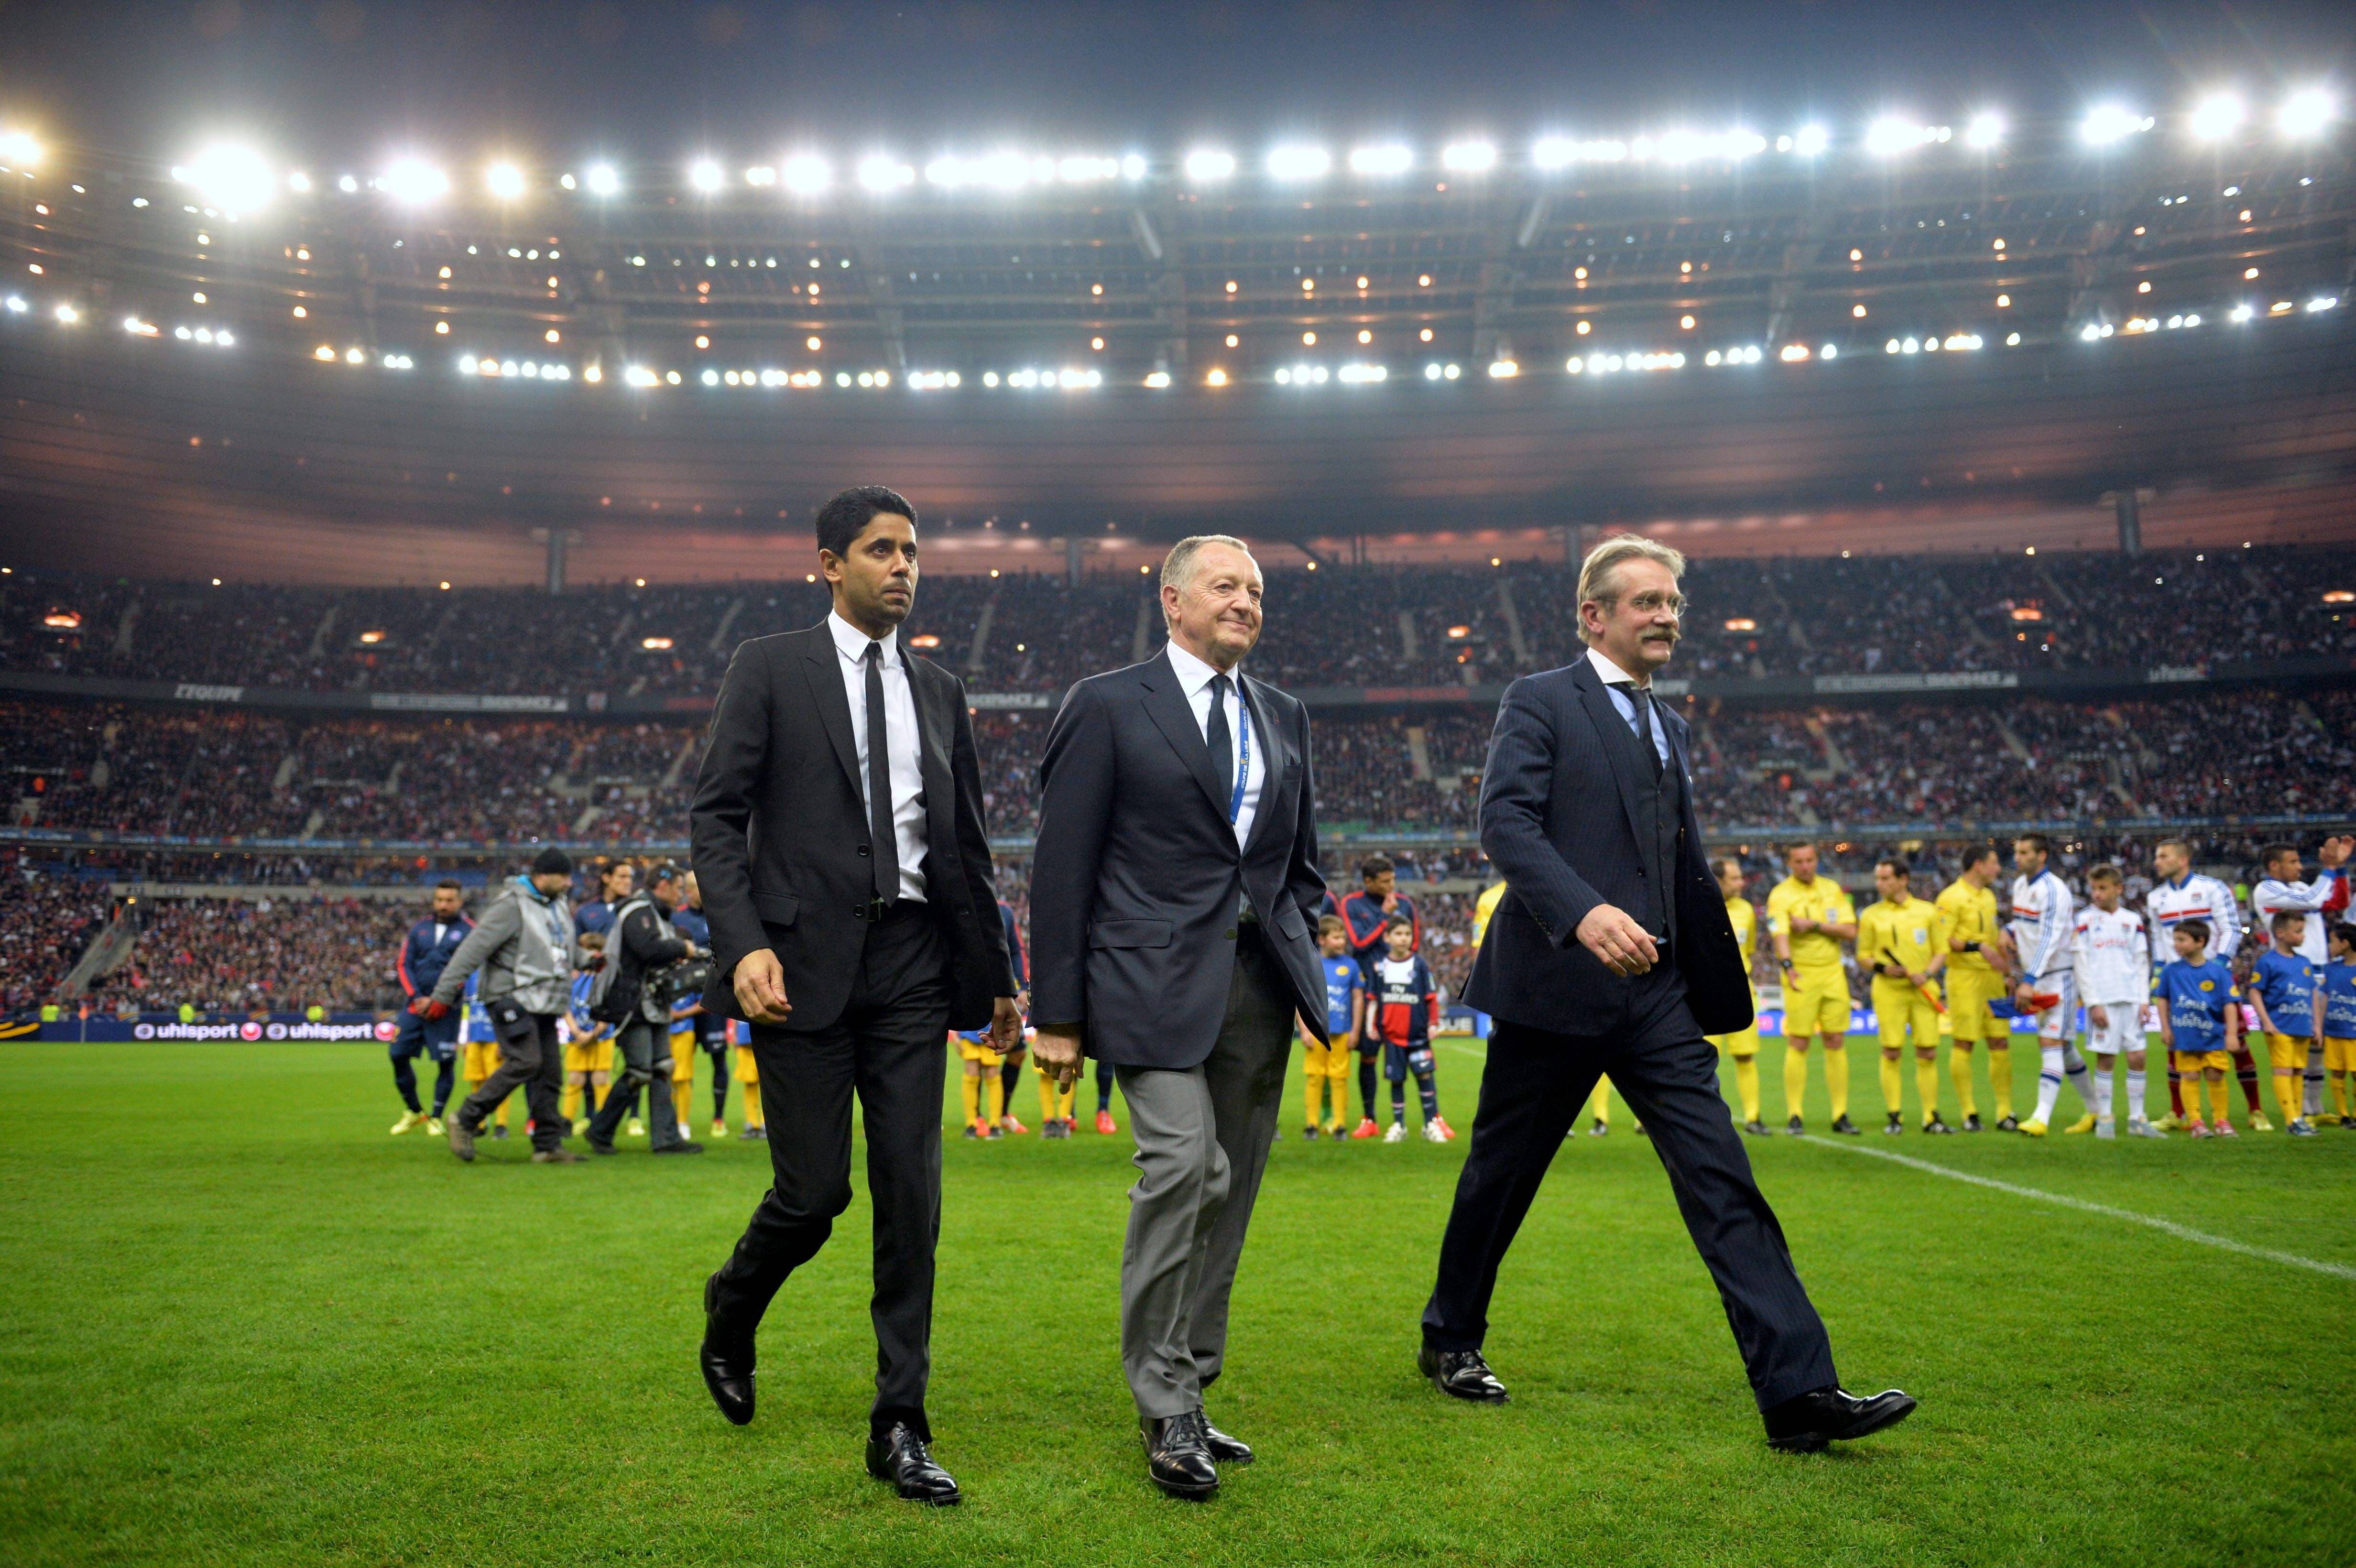 'ฉันกำลังทำให้พวกเขาเป็นที่ชื่นชอบในปีนี้' – เจ้าของลียงทำให้ฟุตบอลฝรั่งเศสเป็นอันดับหนึ่งในขณะที่เขาเลือก PSG เพื่อคว้าแชมป์แชมเปี้ยนส์ลีก